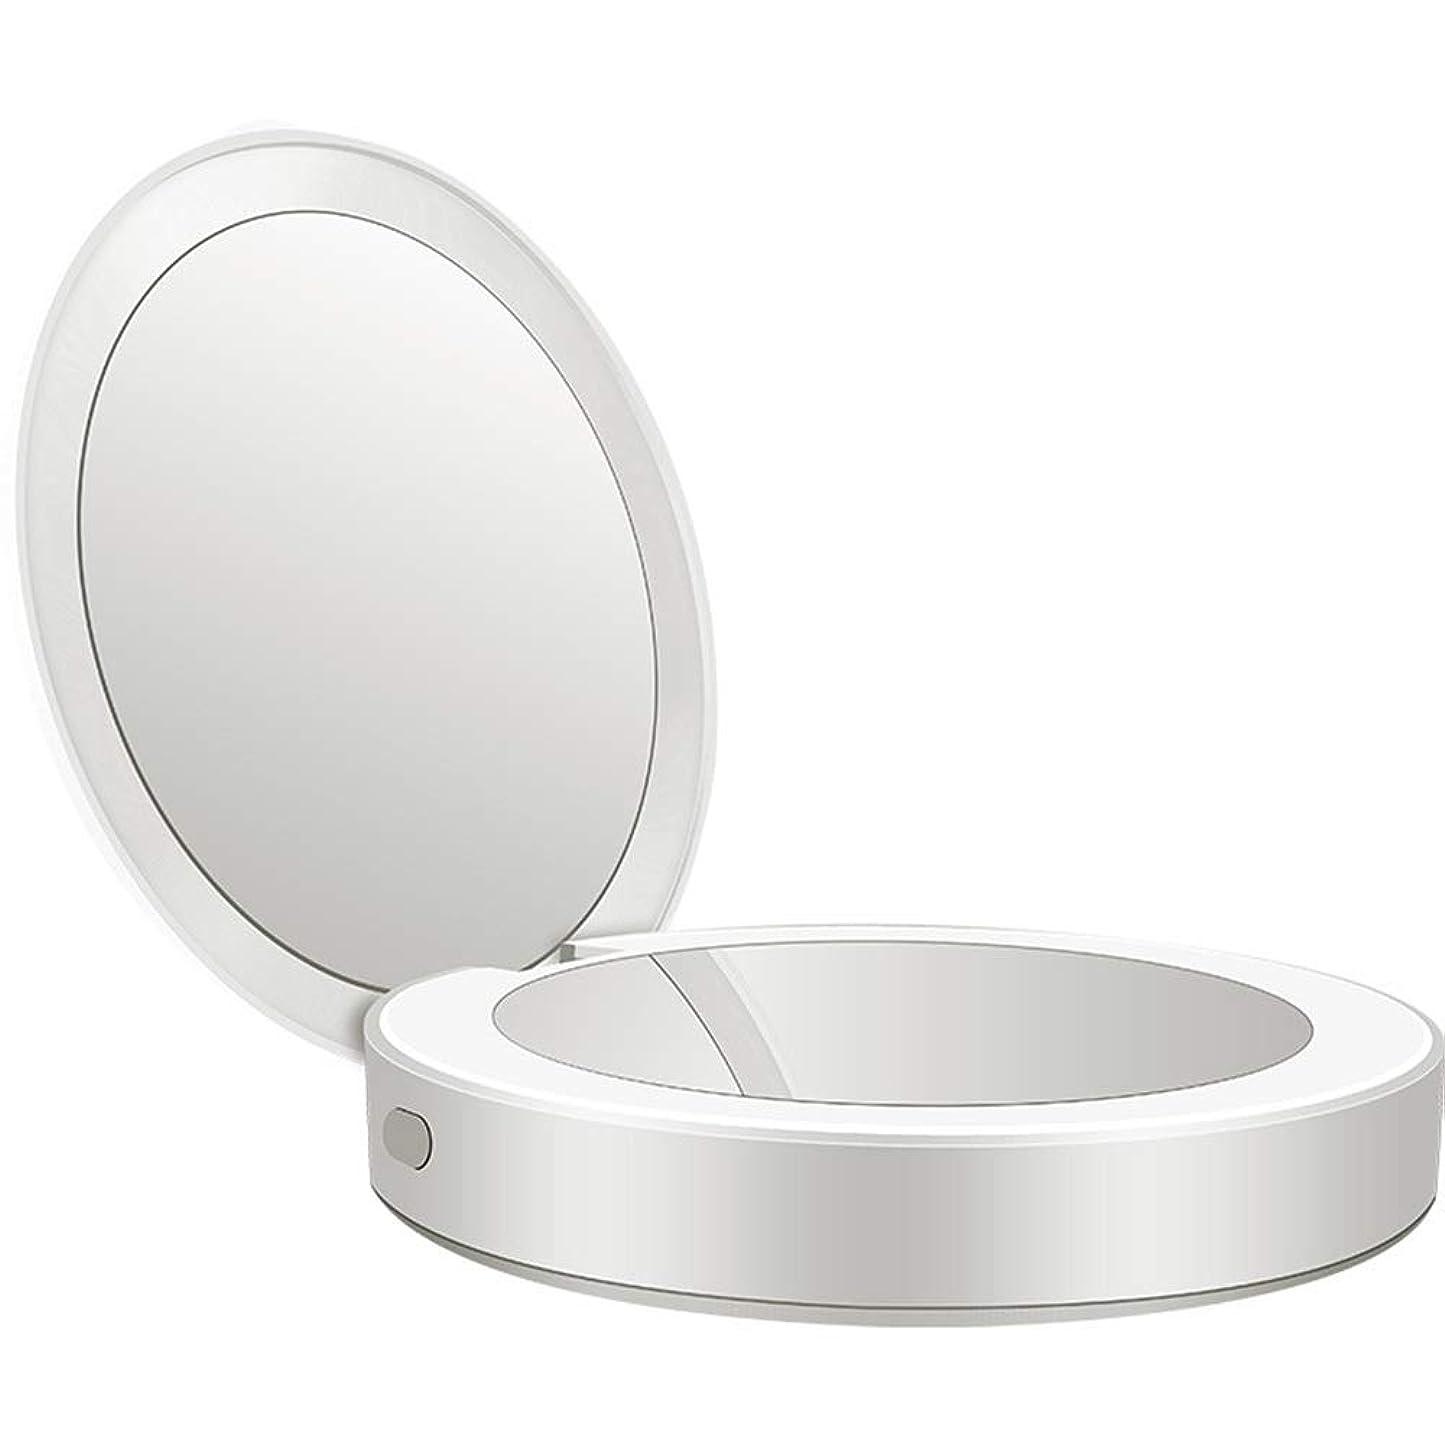 初期姪差し引く流行の 新しい多機能ポータブル折りたたみLEDライト化粧鏡フィルライト充電宝物鏡ABS素材ギフトギフトライト充電虫眼鏡 (色 : Silver)